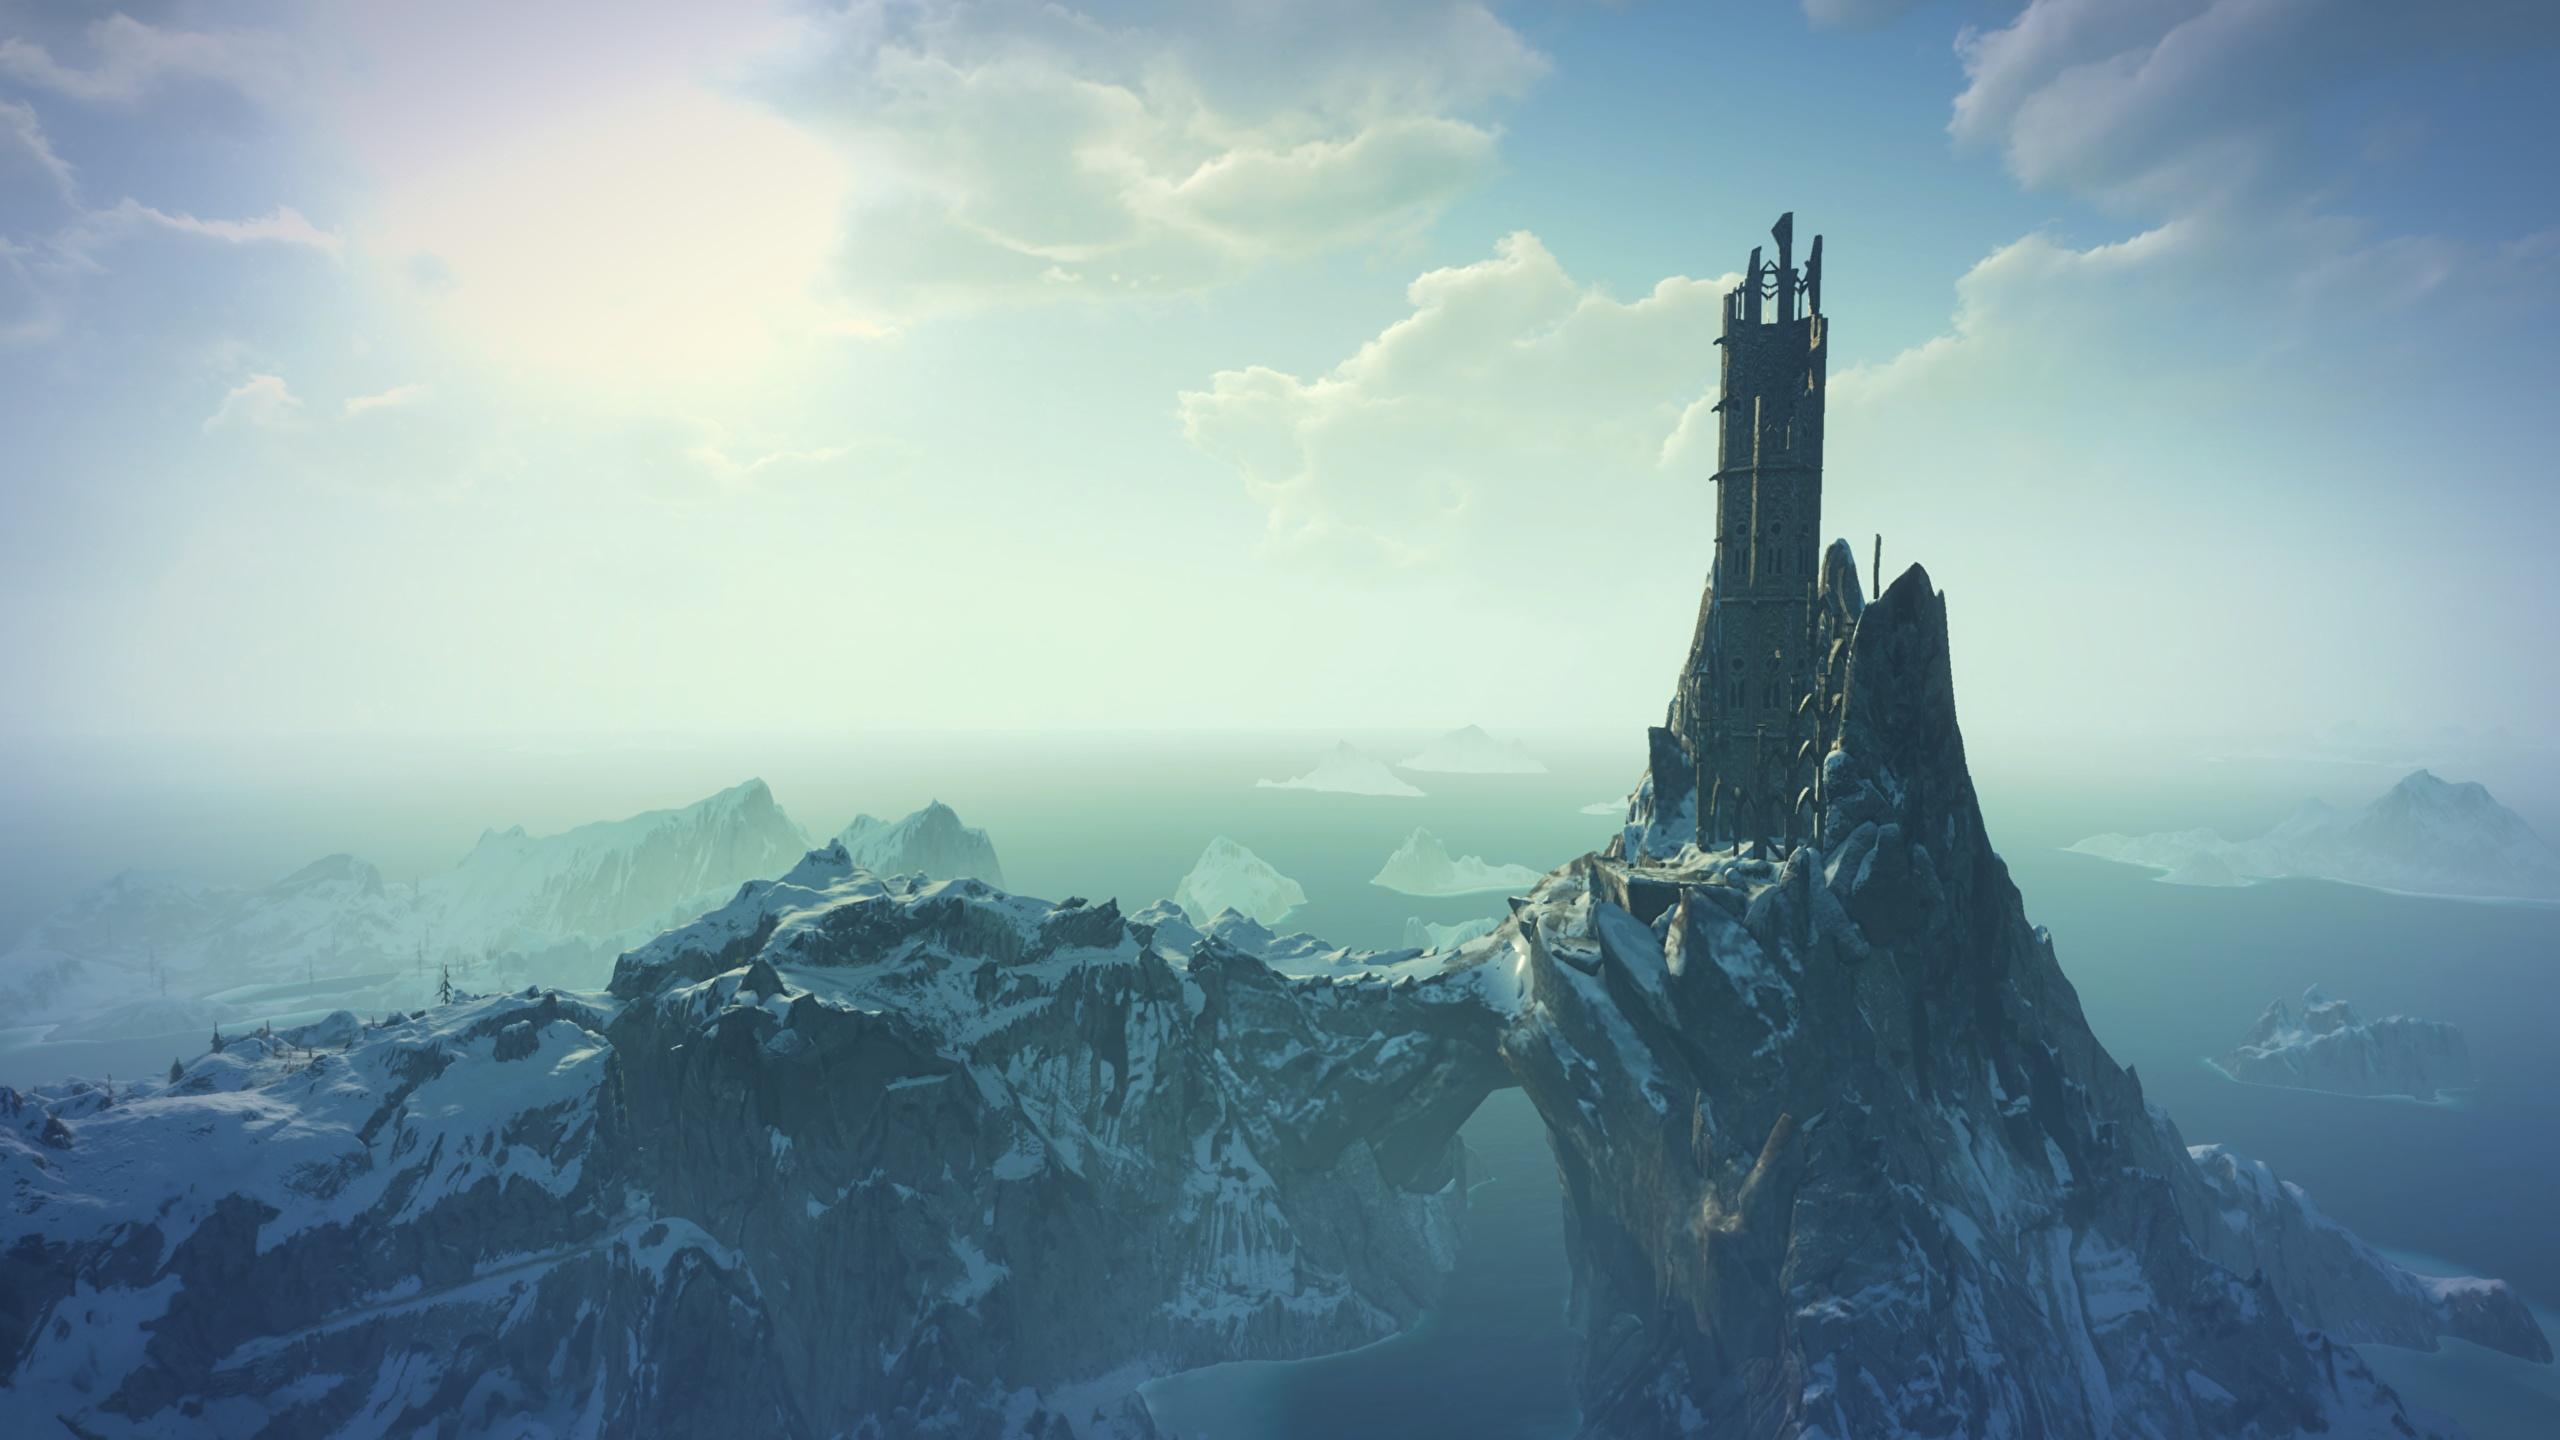 Desktop Hintergrundbilder The Witcher 3: Wild Hunt Spiele Ruinen 2560x1440 computerspiel